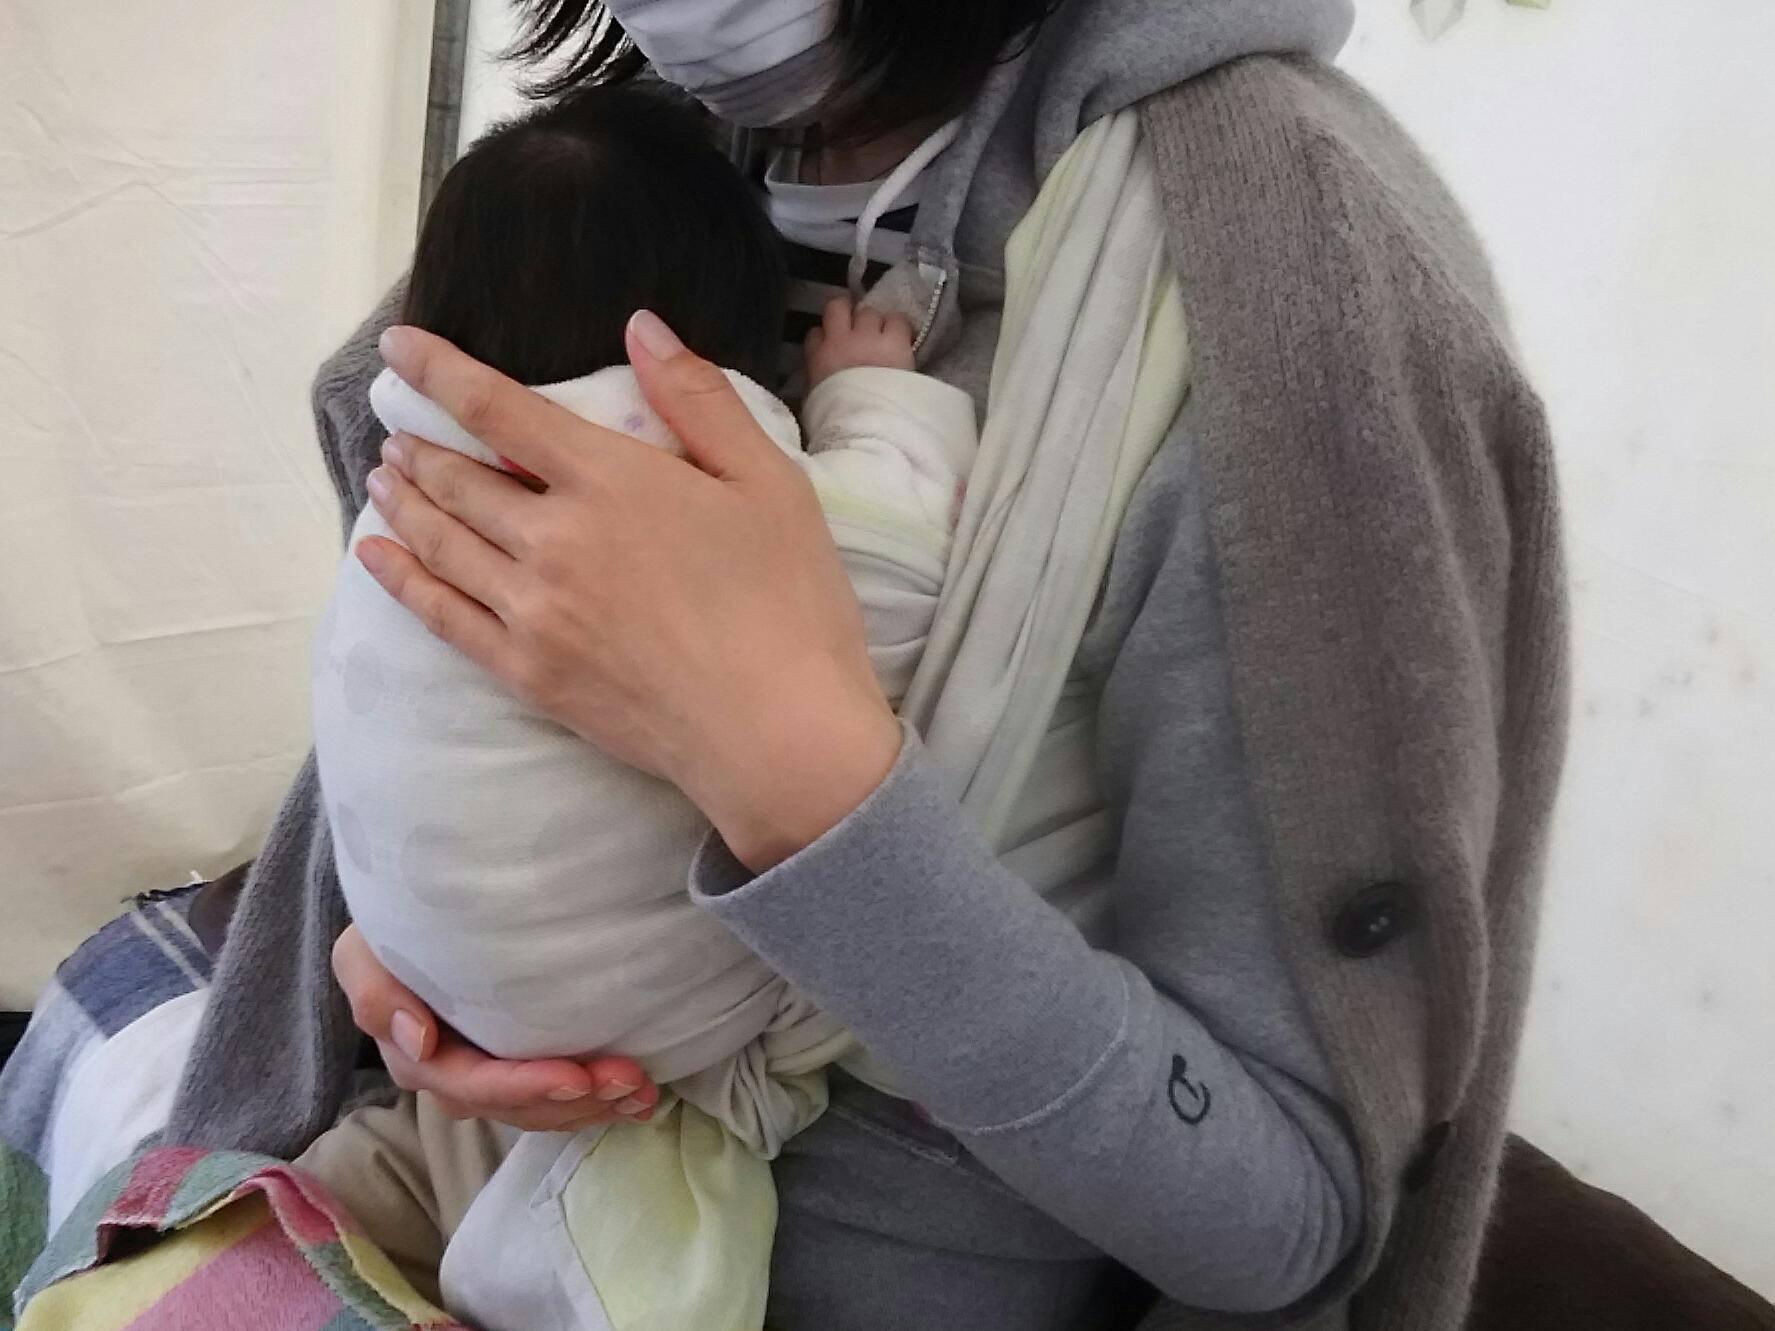 この写真は、前回の東京ピクニックでの一枚です。生後1か月の赤ちゃんをラップで抱っこさせてもらいました。外なので、モコモコな服装ですが、しっかりと密着して気持ちよさそうに寝てくれていました。